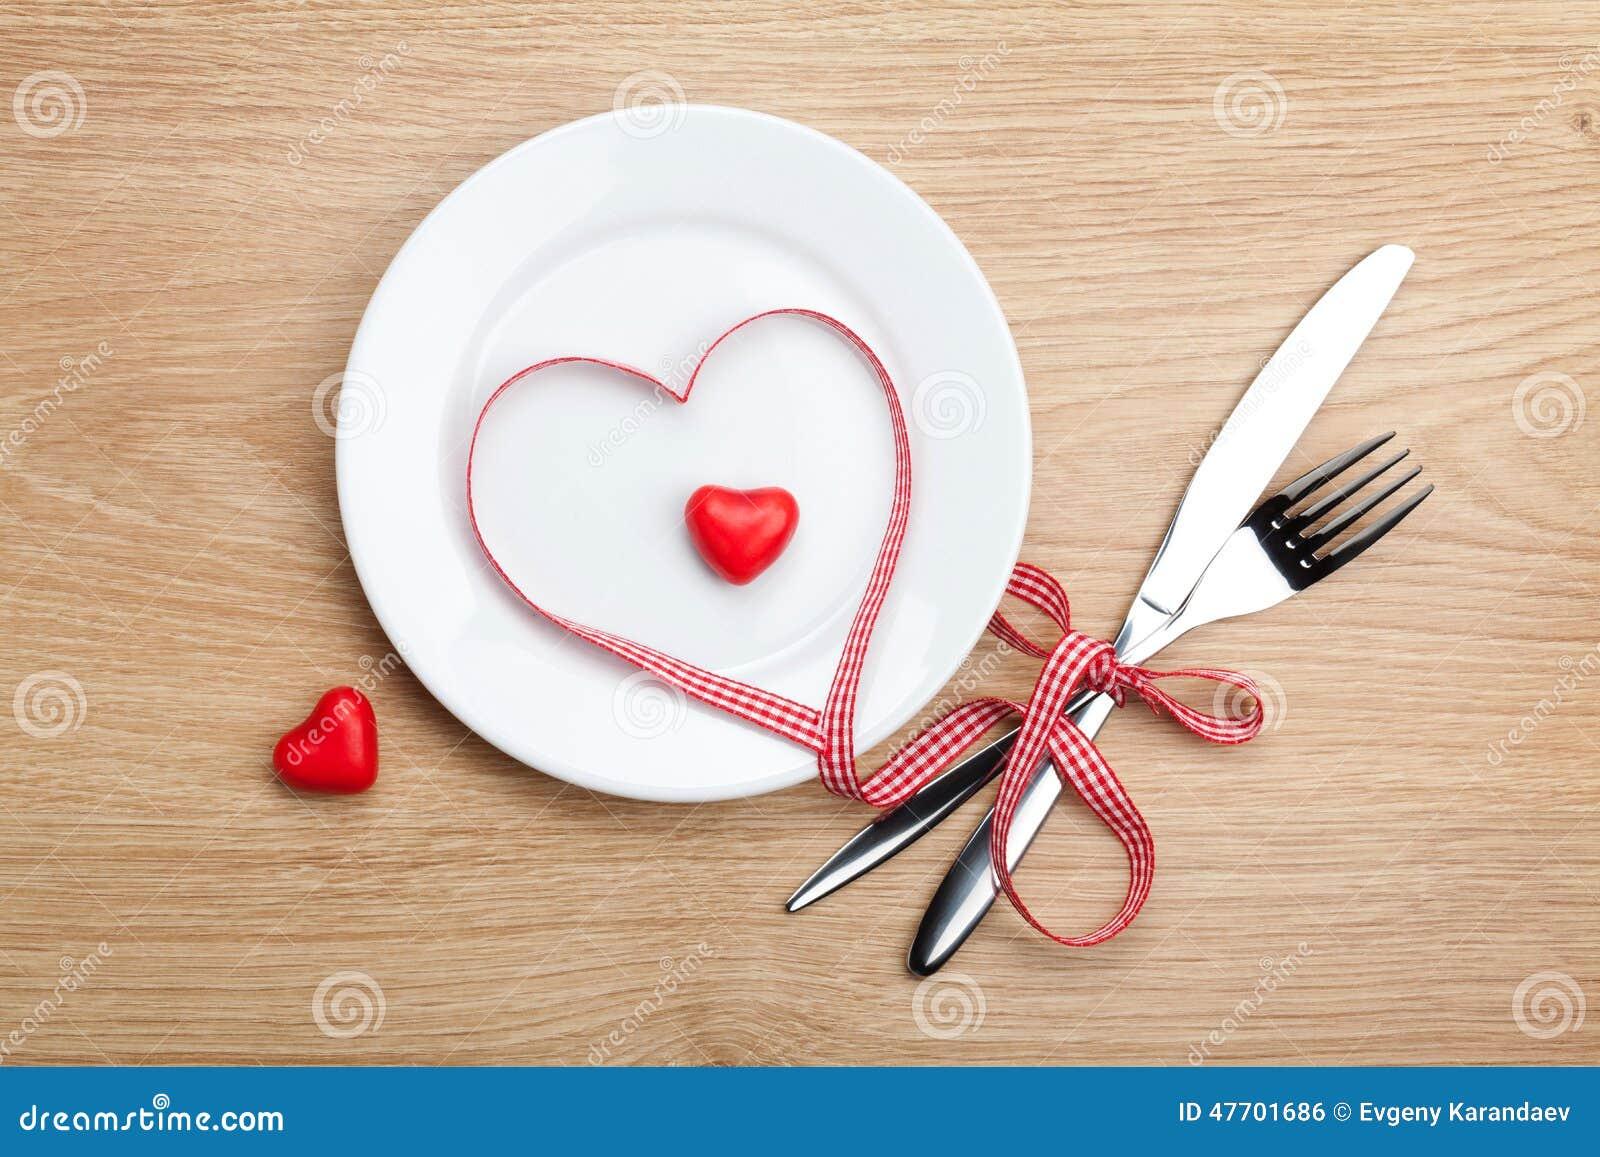 Cinta roja en forma de corazón del día de tarjeta del día de San Valentín sobre la placa con silverwa